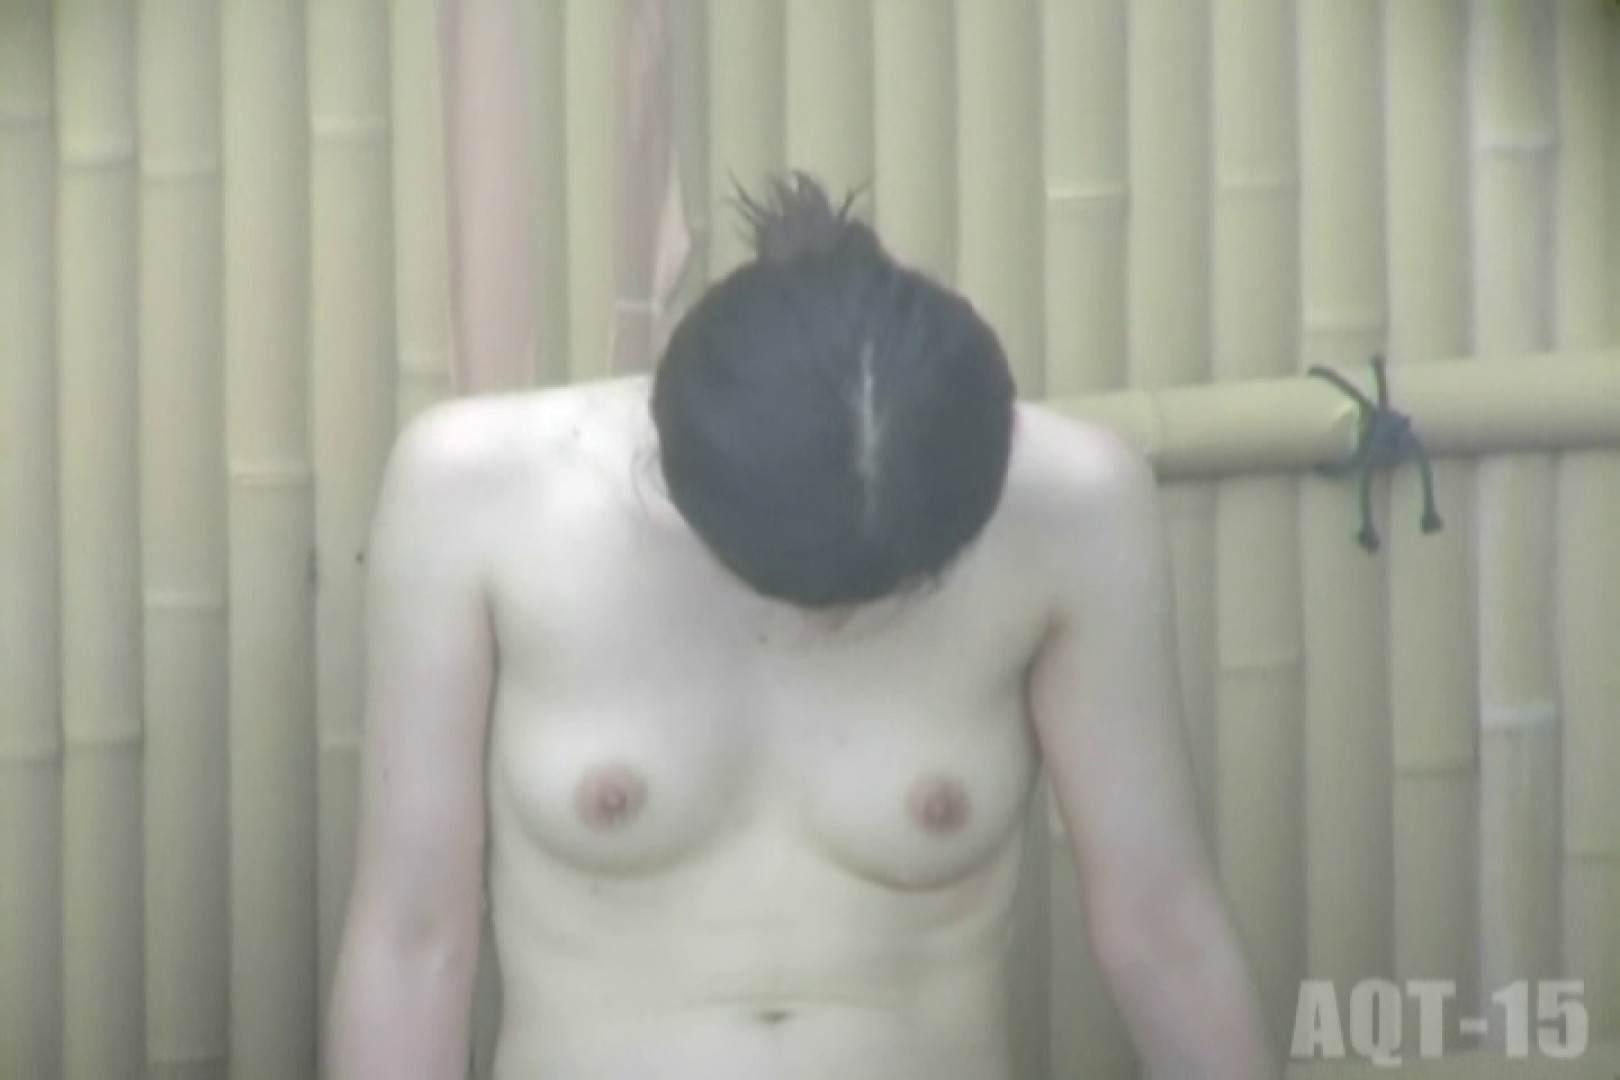 Aquaな露天風呂Vol.835 盗撮   OLのエロ生活  65連発 31